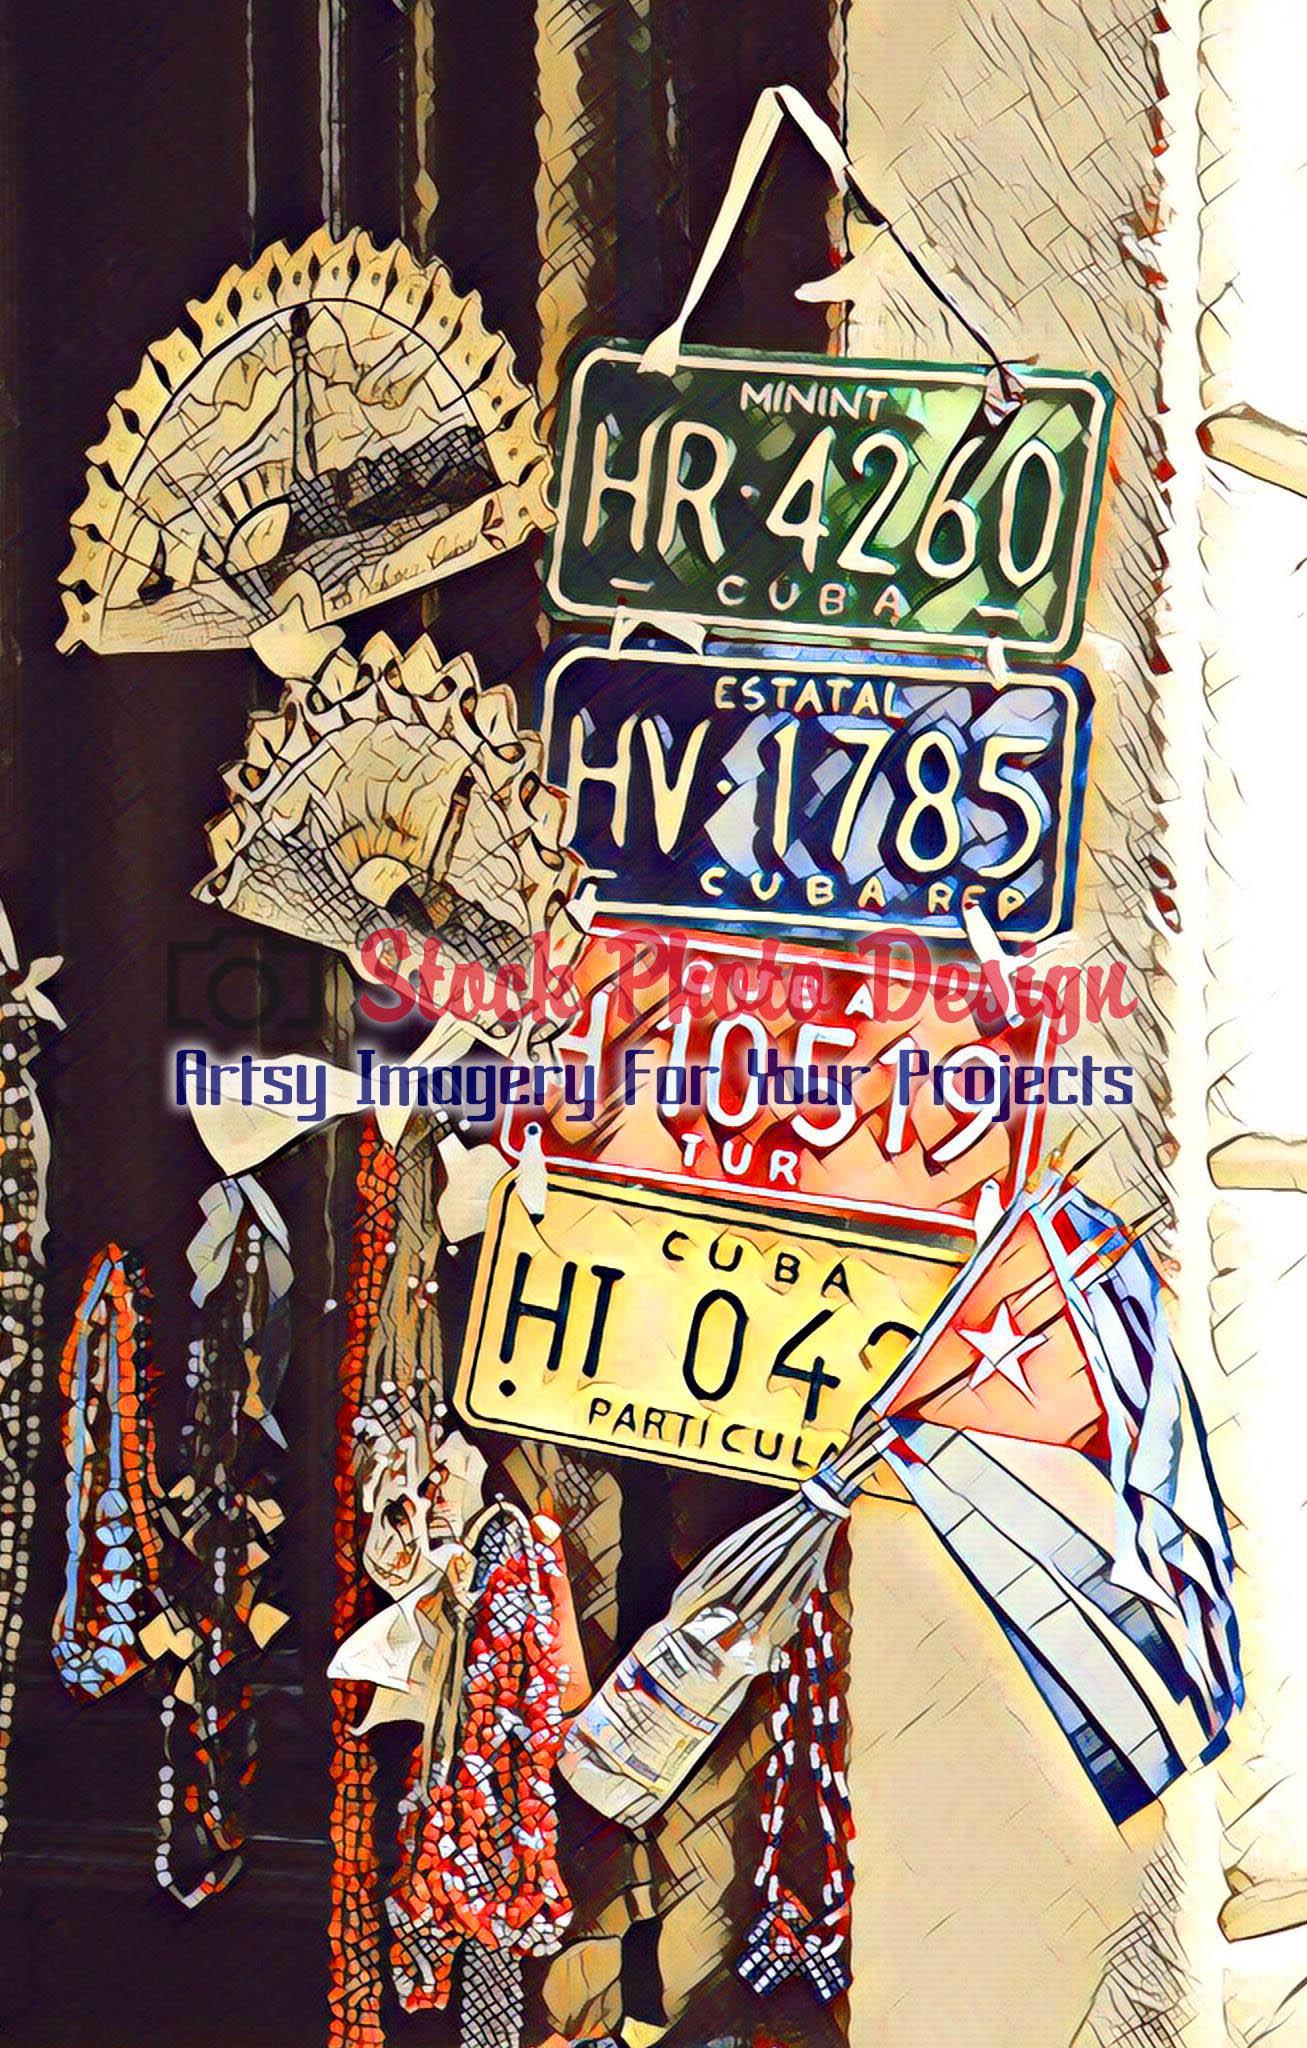 Cuban Car Plates 1 - Dimensions:1307 by 2048 pixels